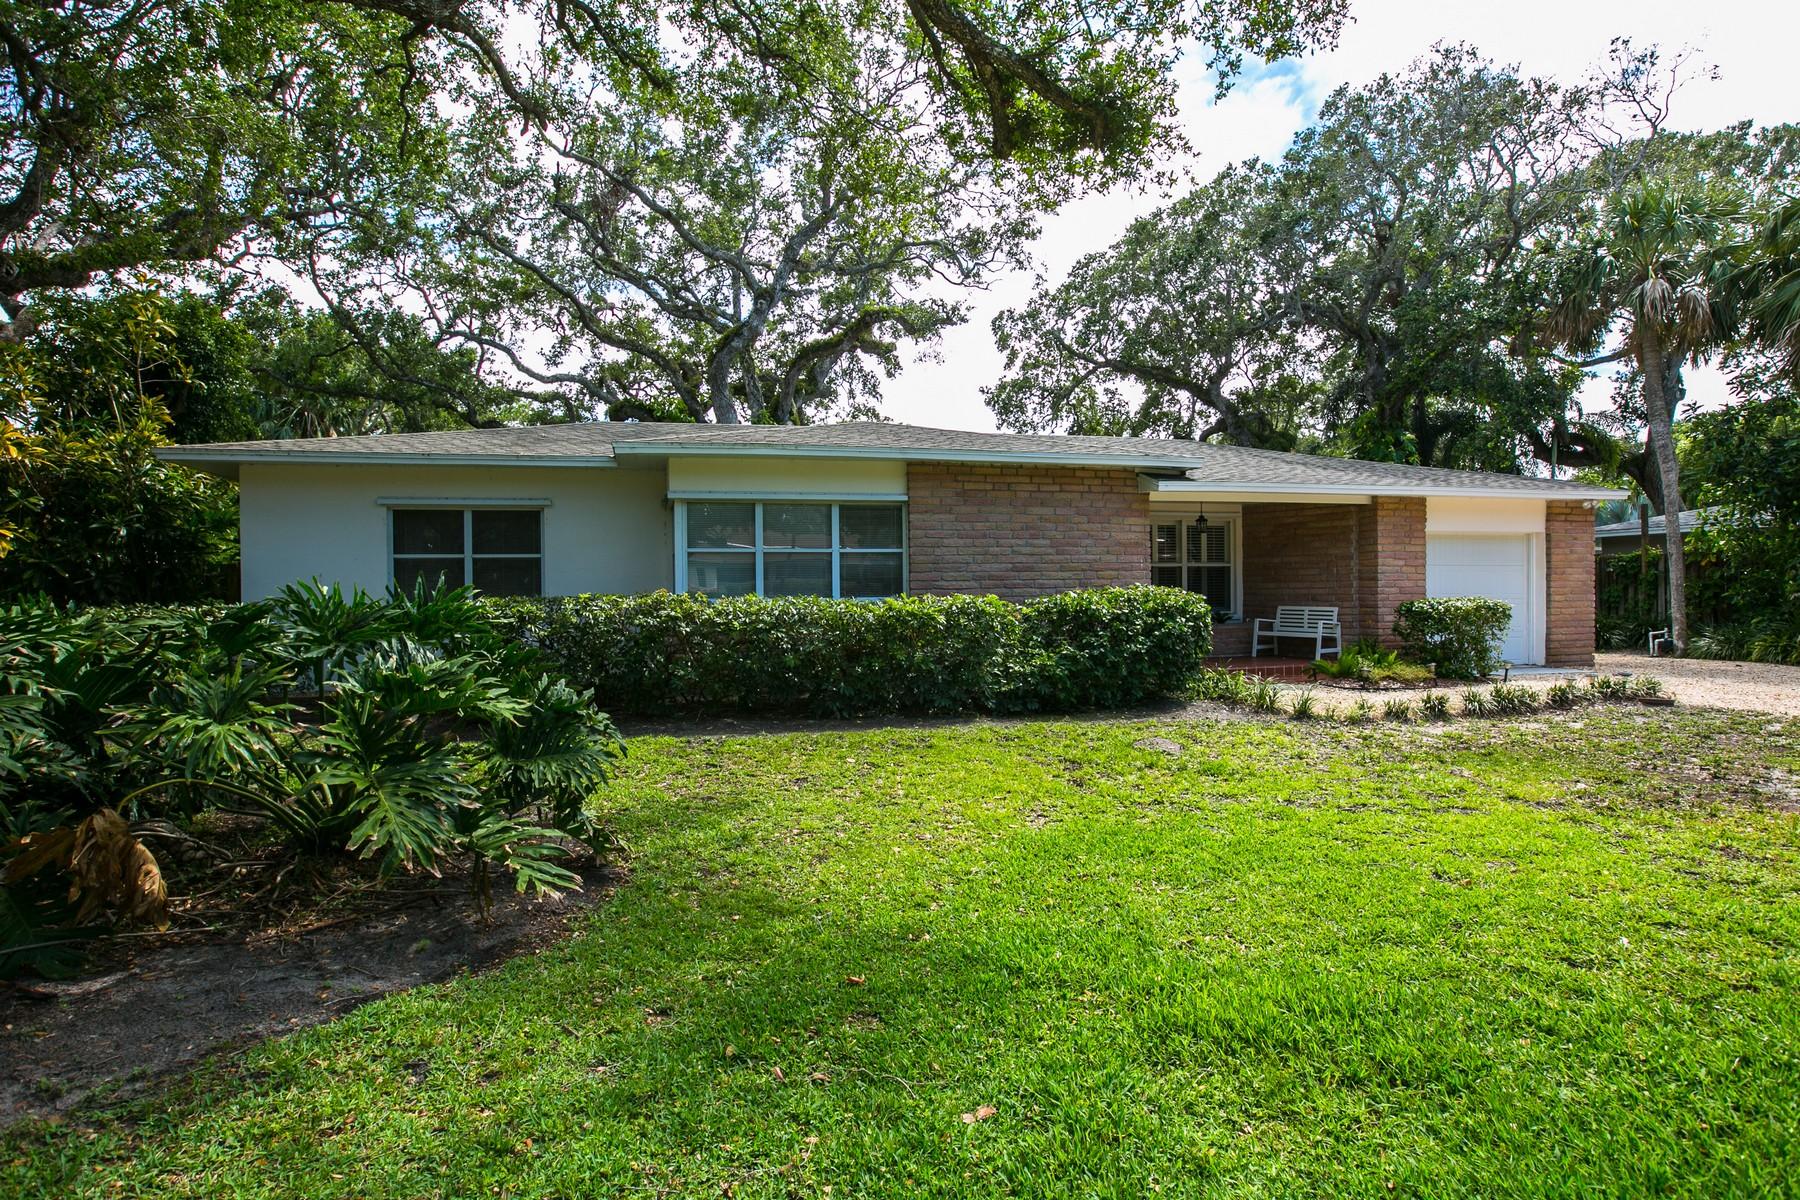 Casa para uma família para Venda às Prime Central Beach Location 640 Fiddlewood Road Vero Beach, Florida, 32963 Estados Unidos